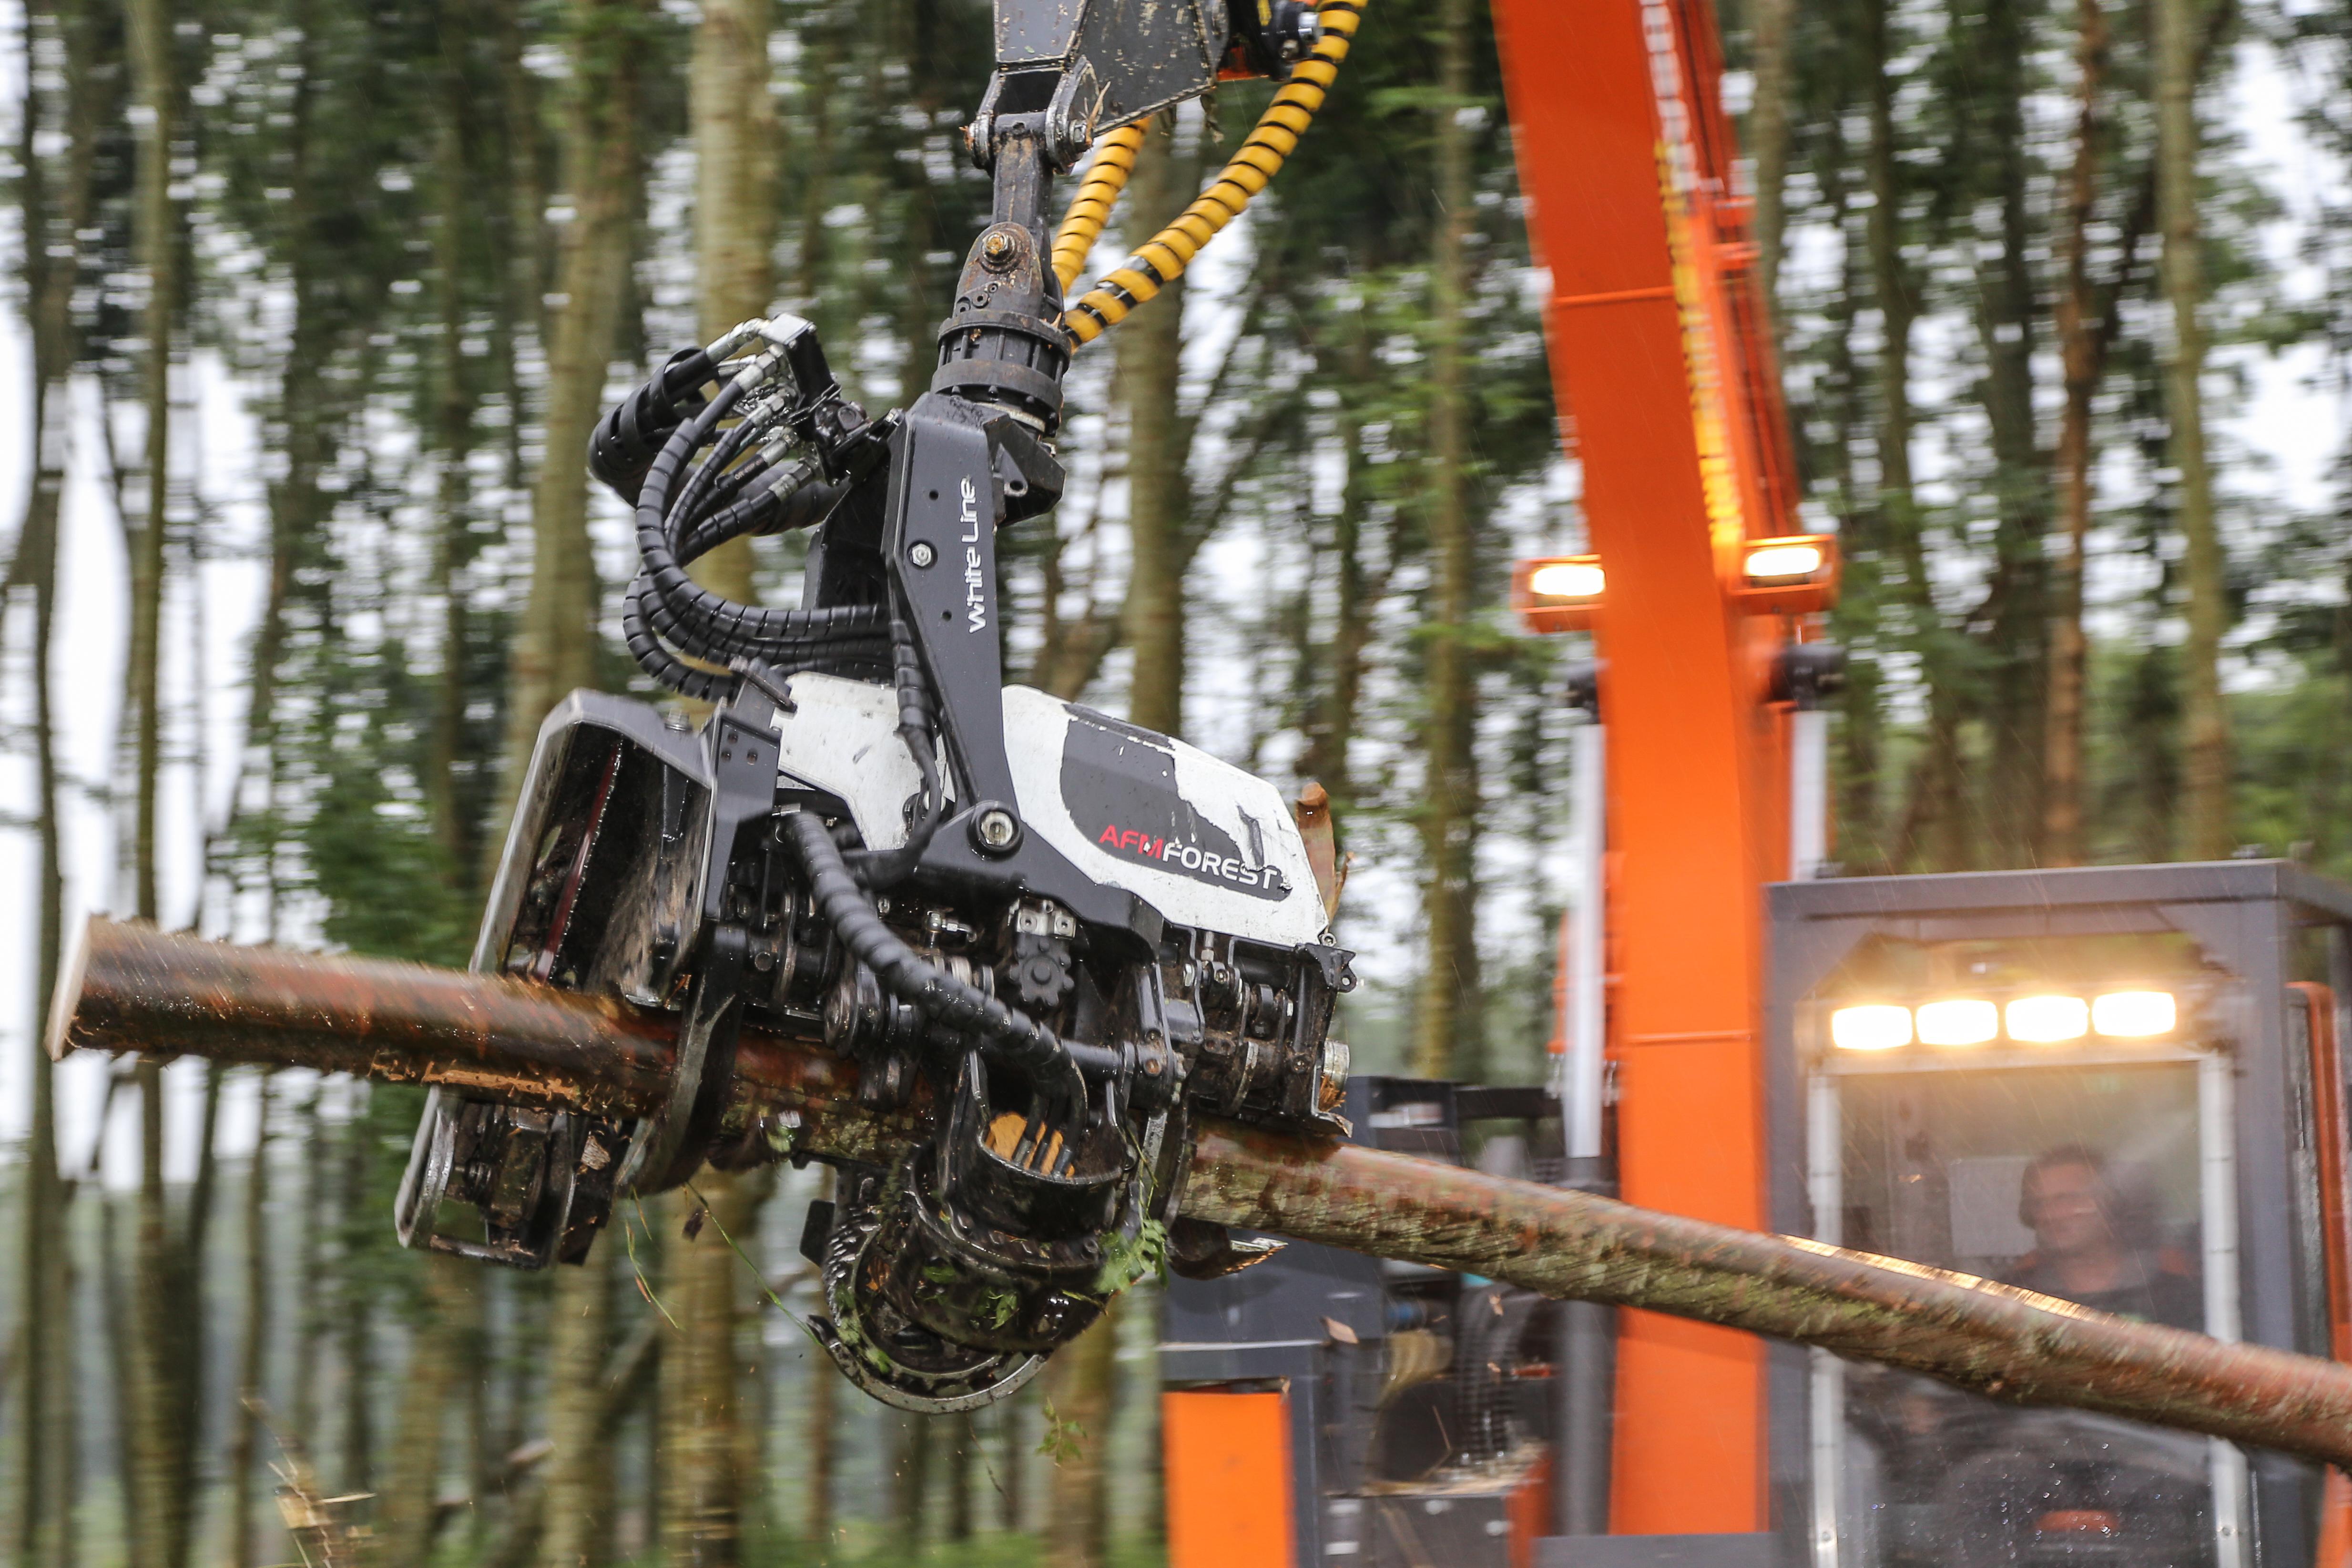 <p>De AFM 45-velkop is volledig computergestuurd. Een volwaardige bosbouwmachine die nu niet aan eenspeciaalbouw'harvester' hangt, maar aan een rupsgraafmachine. En dat is bijzonder.</p>